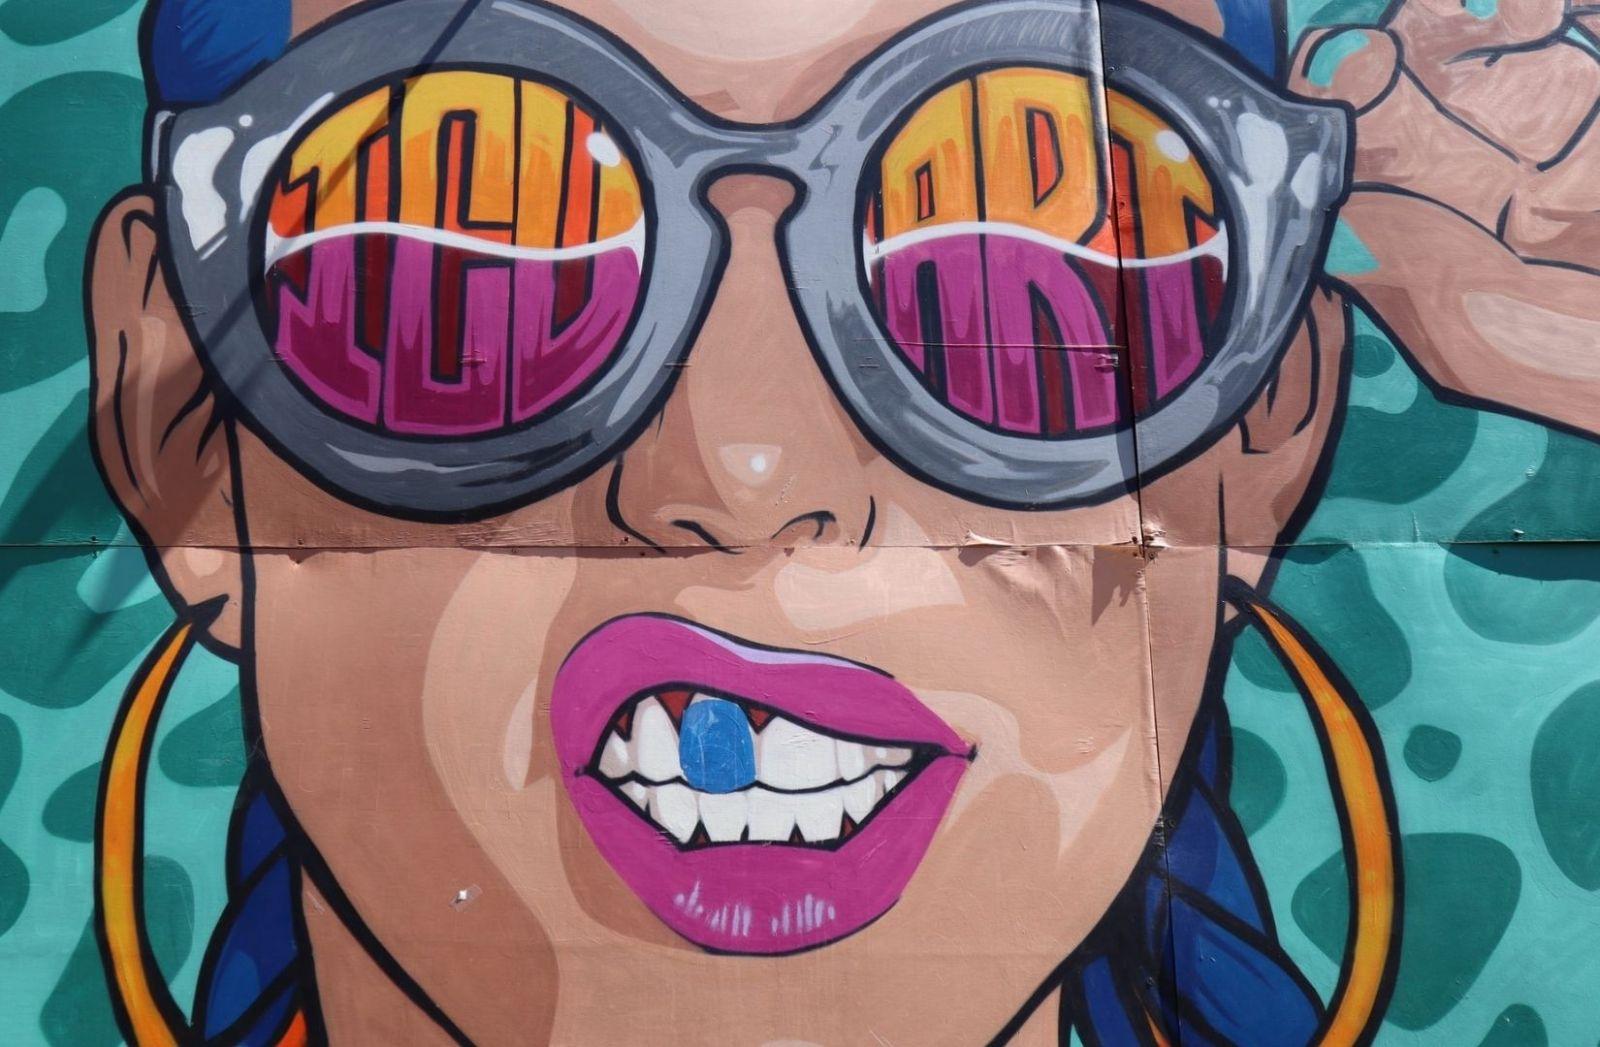 Graffiti Frau in Pink. (Foto: Clark Van Der Beken, Unsplash.com)